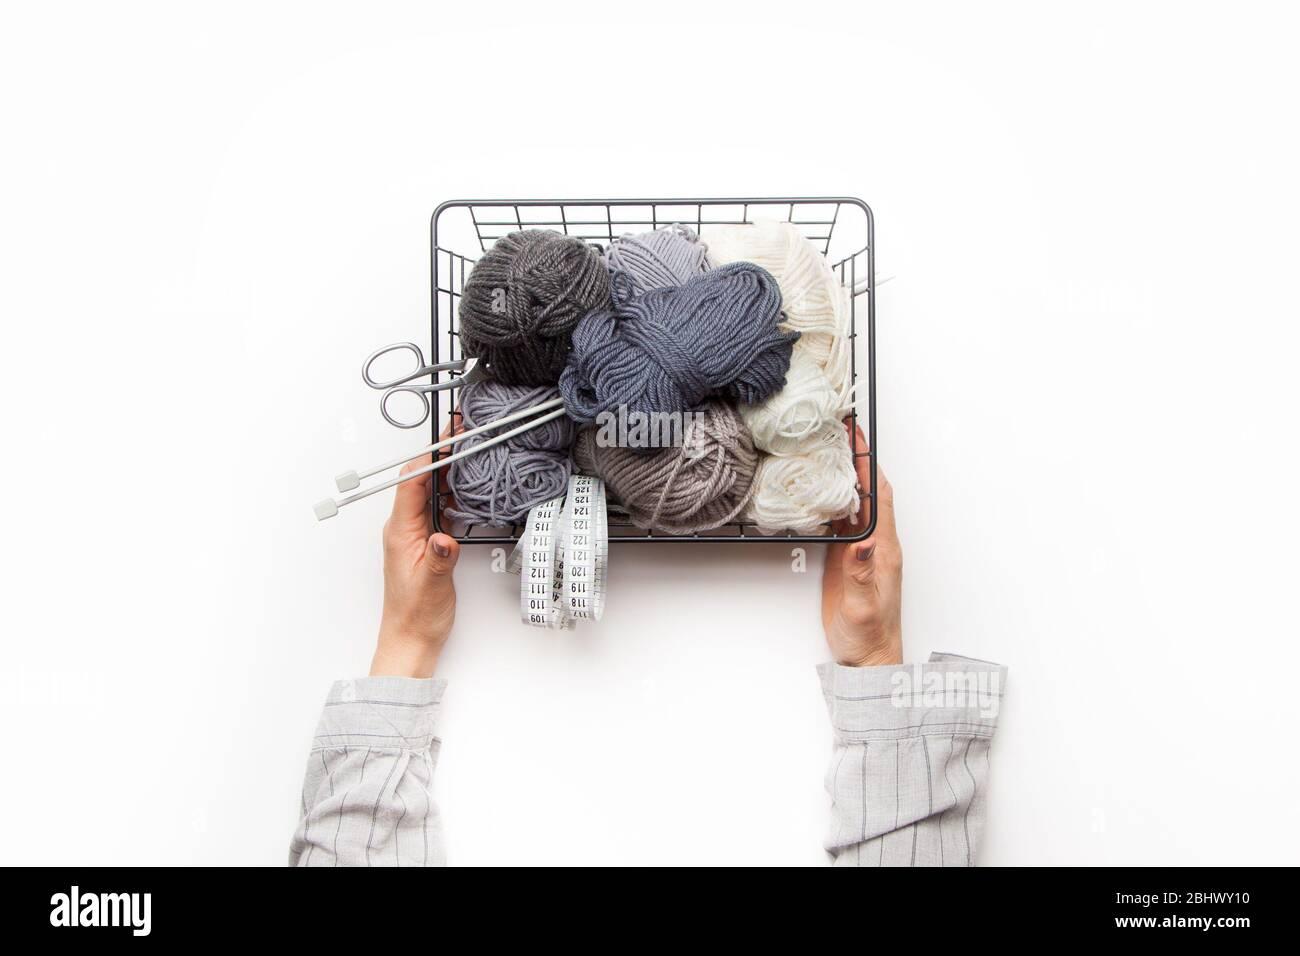 Les mains féminines tiennent un panier en métal noir avec du fil pour le tricot de gris et de blanc. Banque D'Images